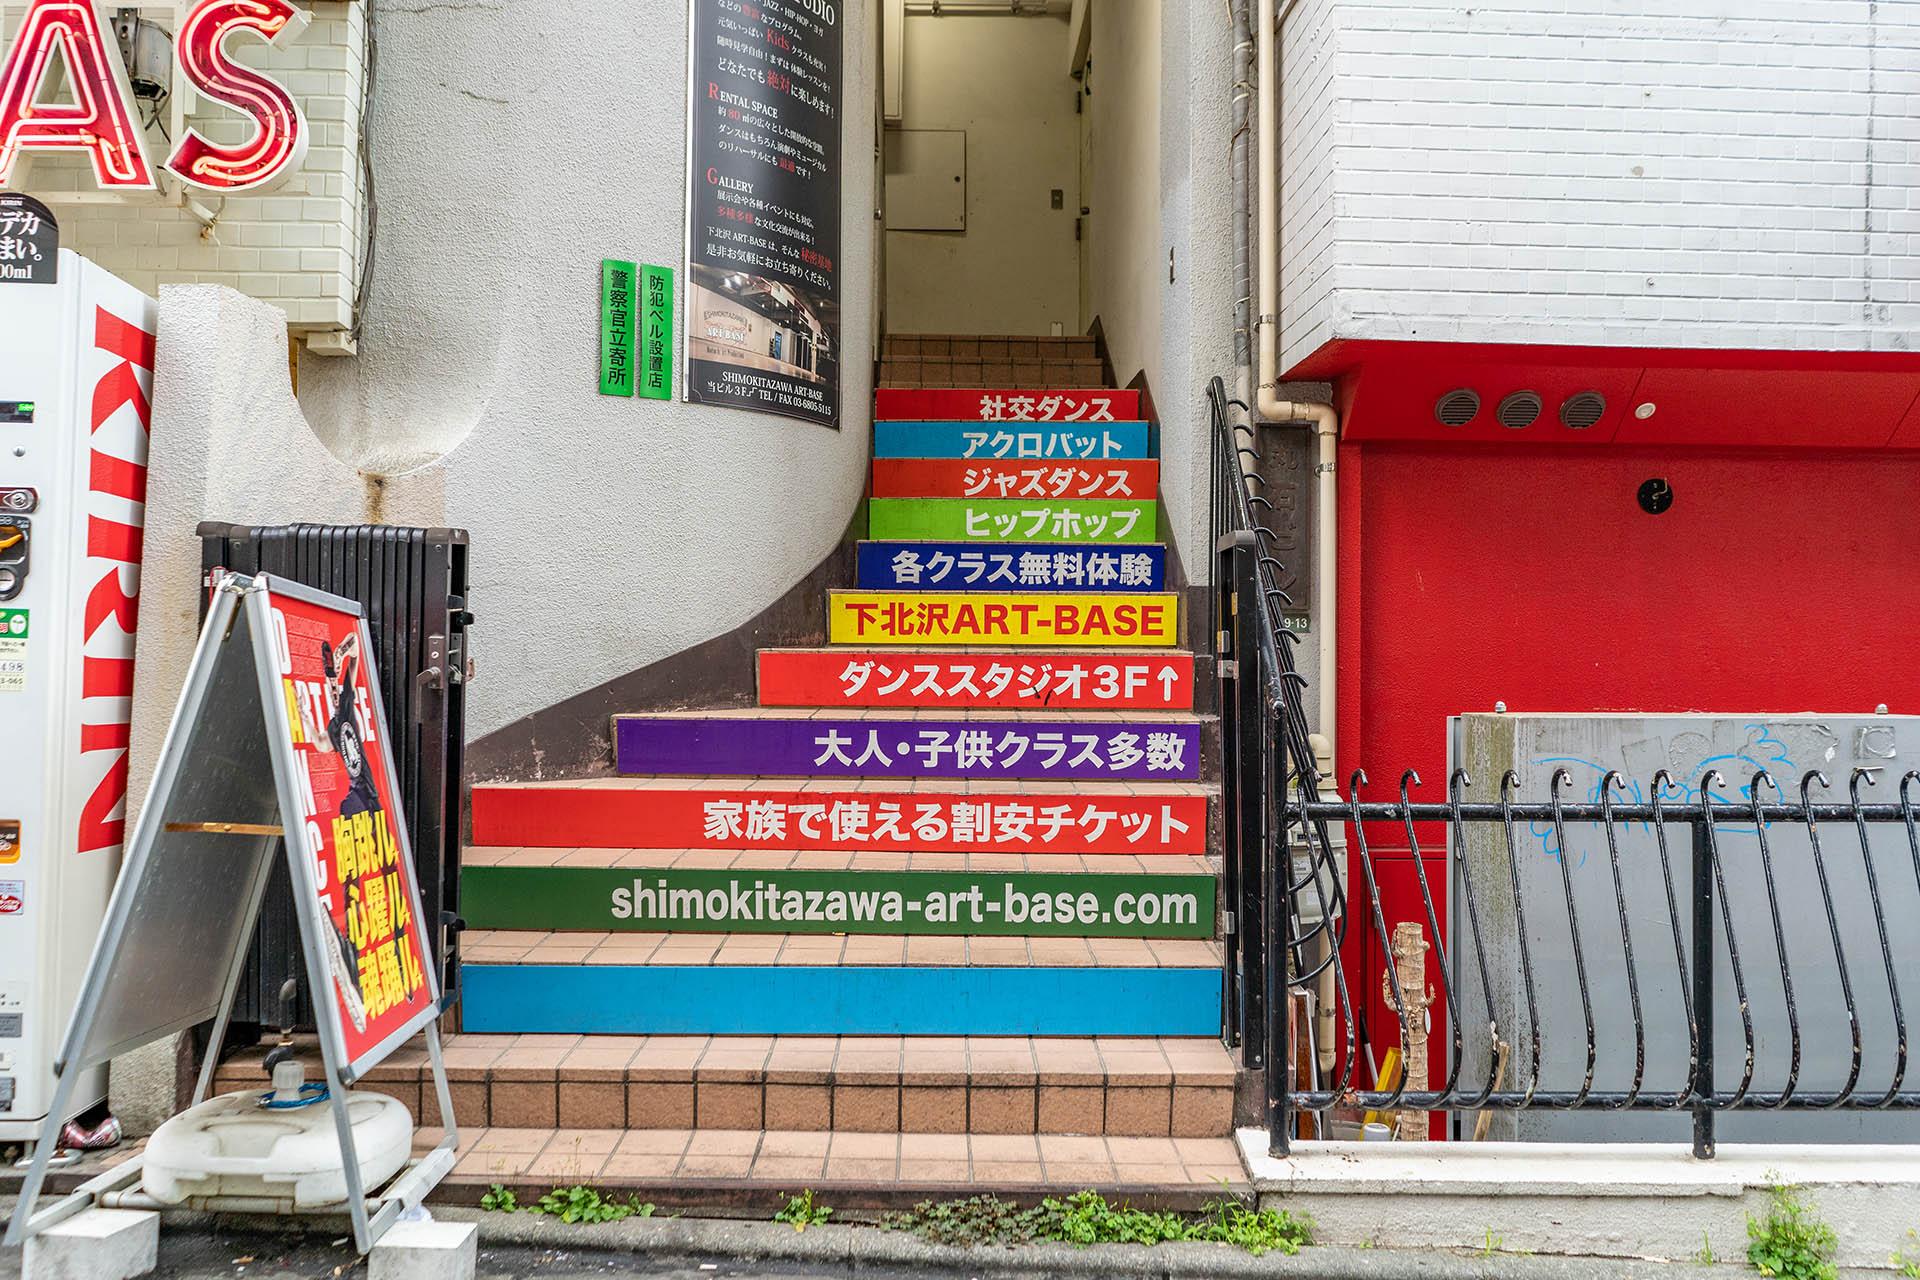 Conocido por sus tiendas vintage, restaurantes independientes, cafeterías y bares, Shimokitazawa (a menudo simplemente conocido como 'Shimokita') tiene un legado de genialidad contracultural